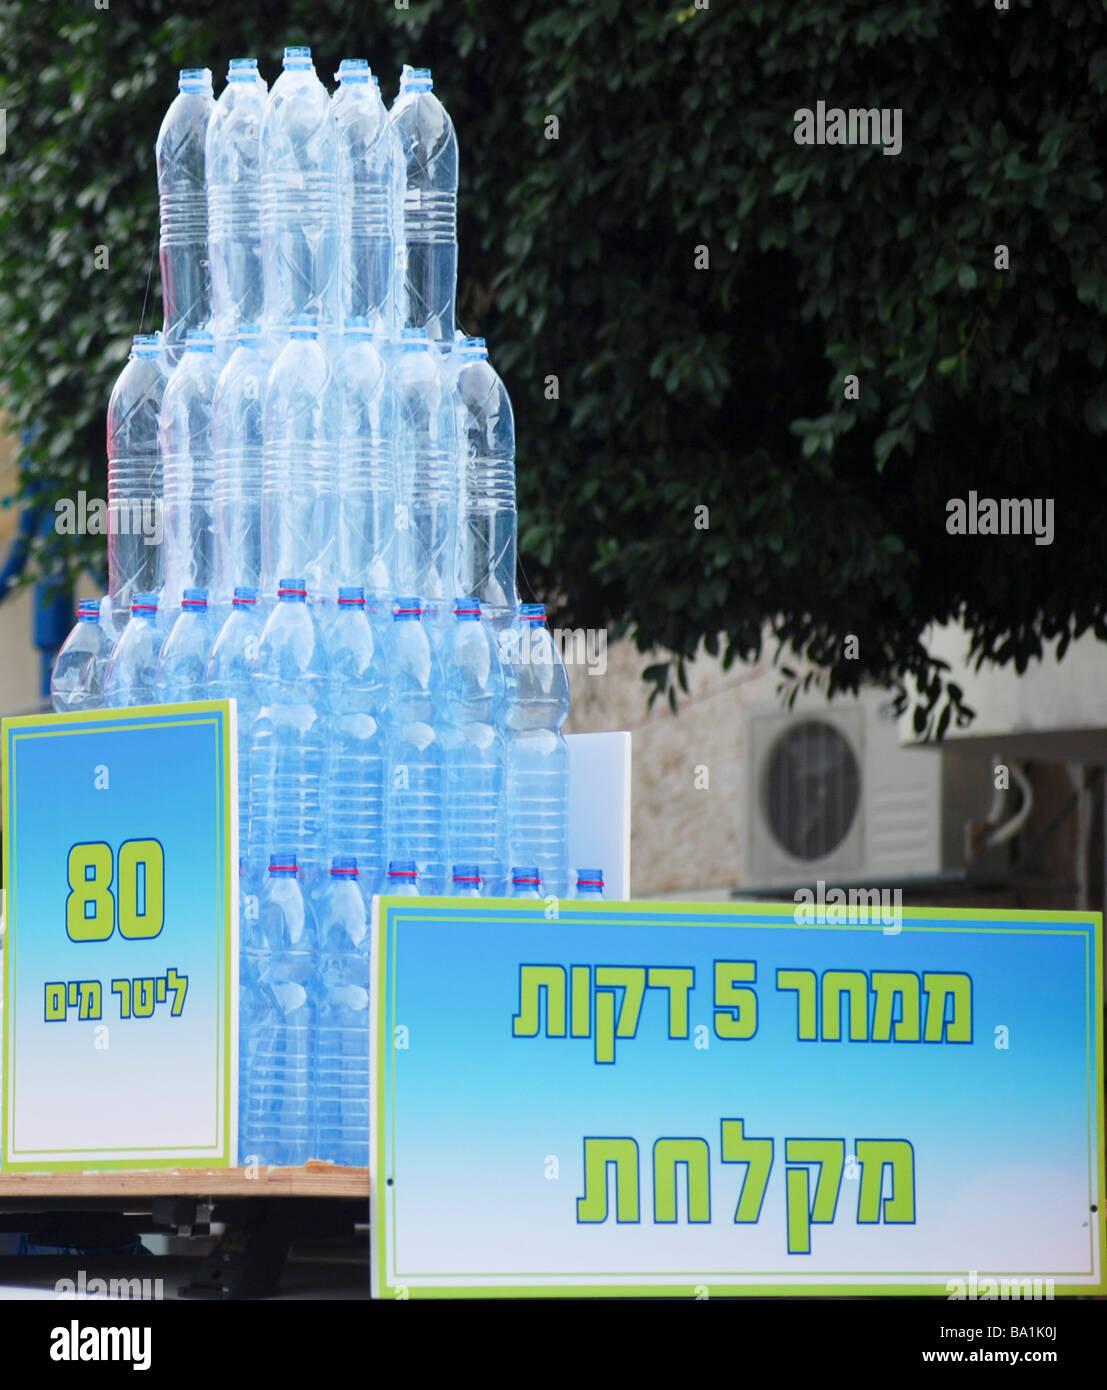 Économiser l'eau de l'affichage de l'eau minérale contenant 80 litres qui est la quantité Photo Stock